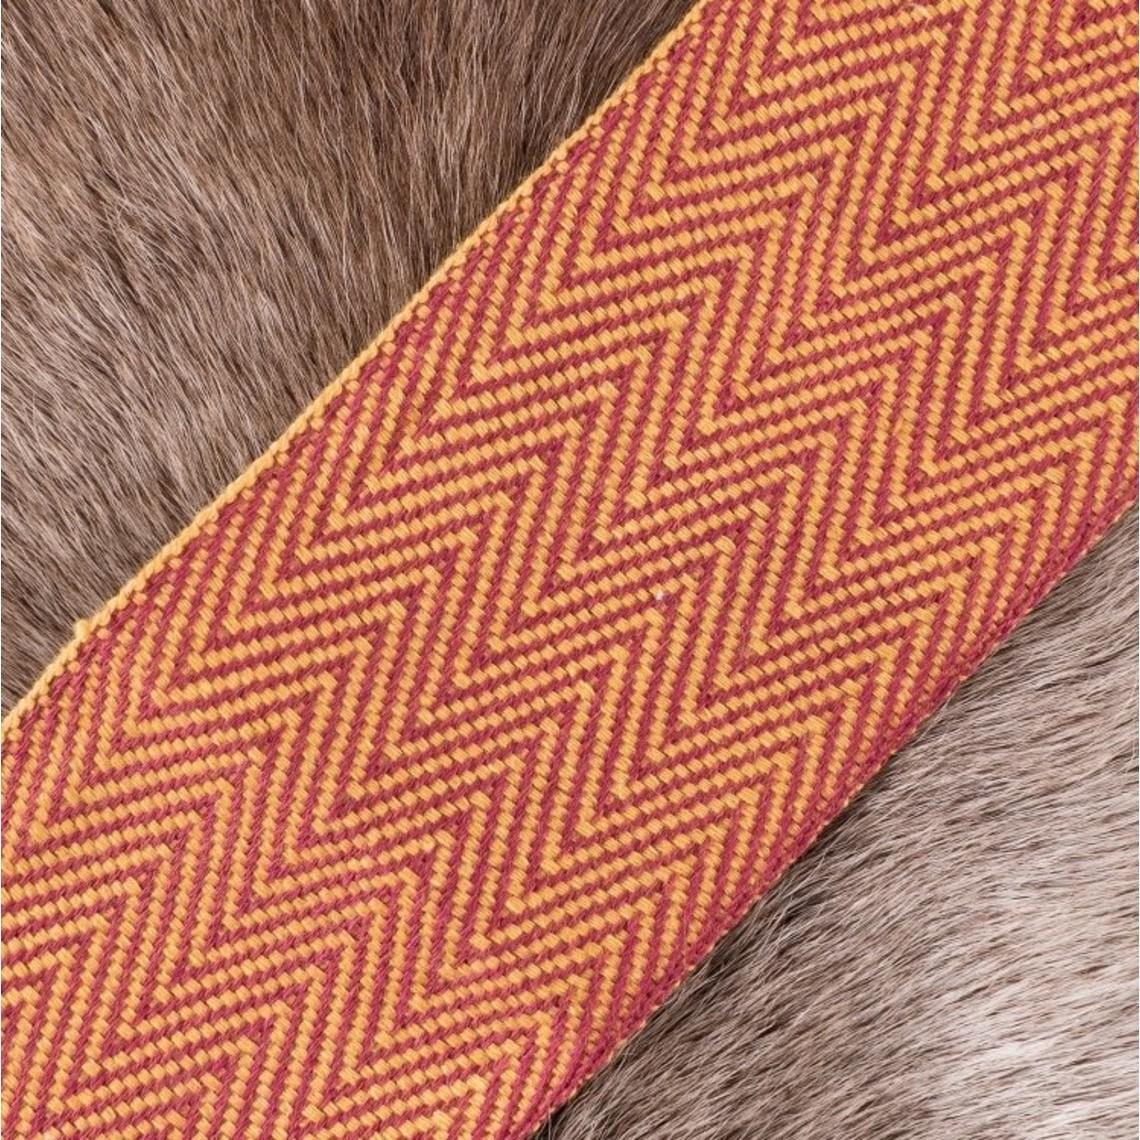 Herringbone motivo tela amarillo-rojo, 10 cm de ancho, por 7 metros